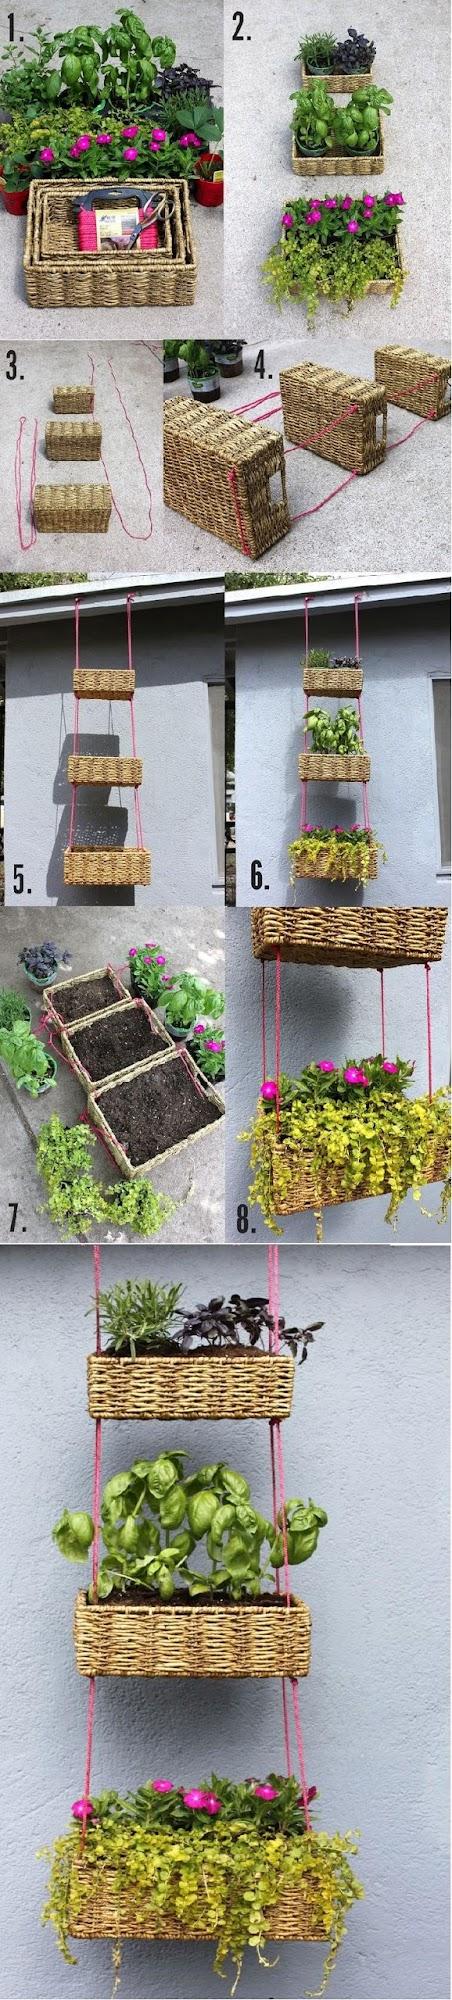 Hanging+basket+garden+diy